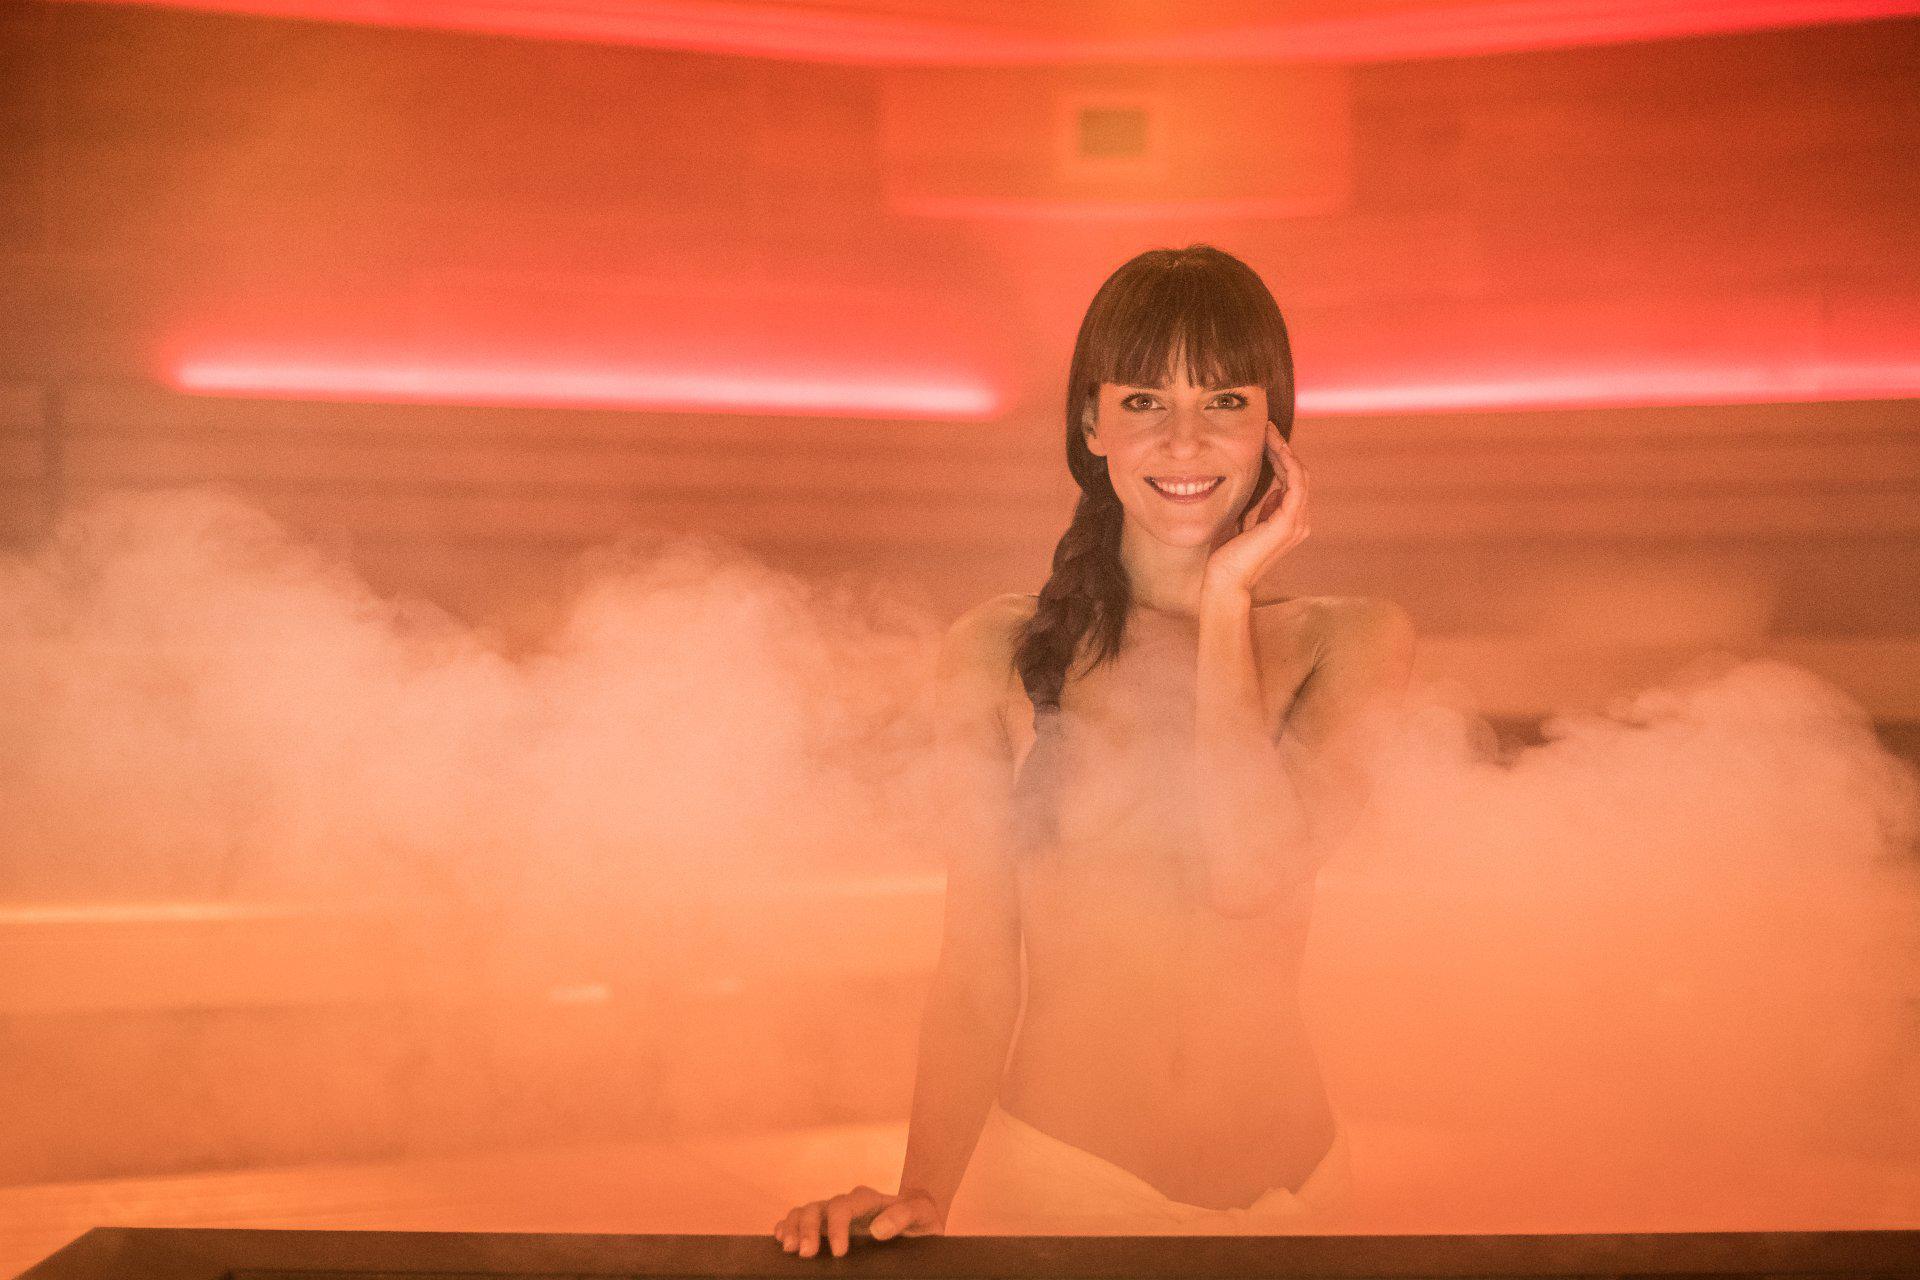 Eine Frau in der Saune vom Rauch umhüllt und mit einem Handtuch bedeckt.